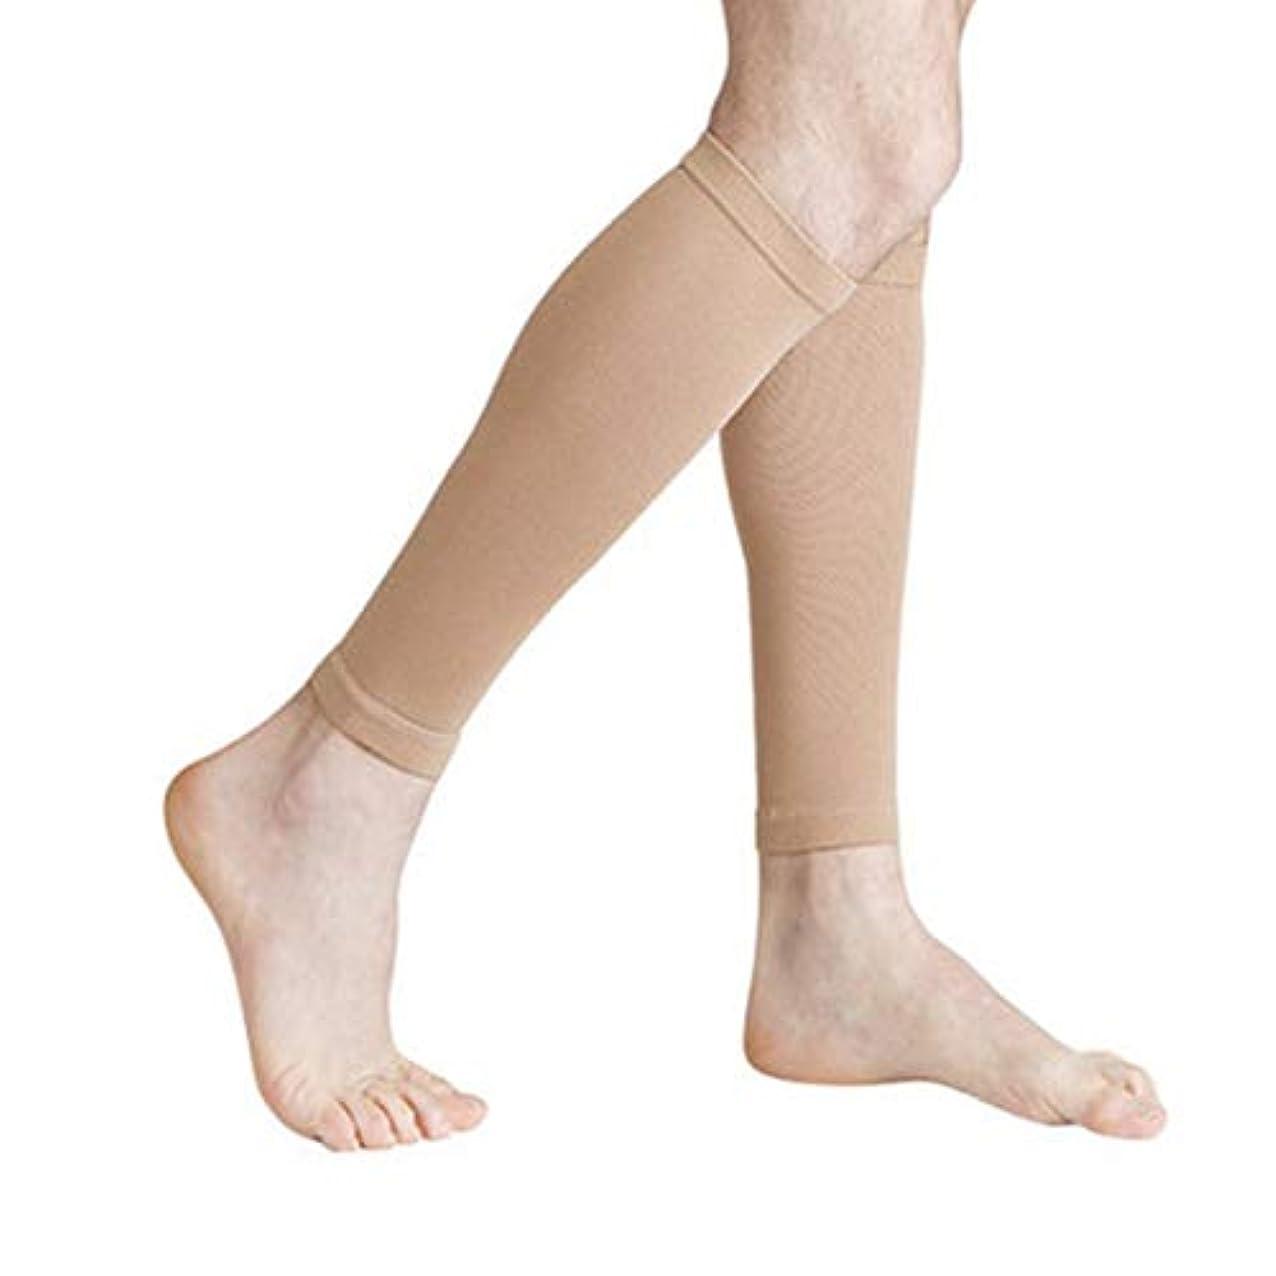 民間人火薬やめる丈夫な男性女性プロの圧縮靴下通気性のある旅行活動看護師用シントスプリントフライトトラベル - 肌色